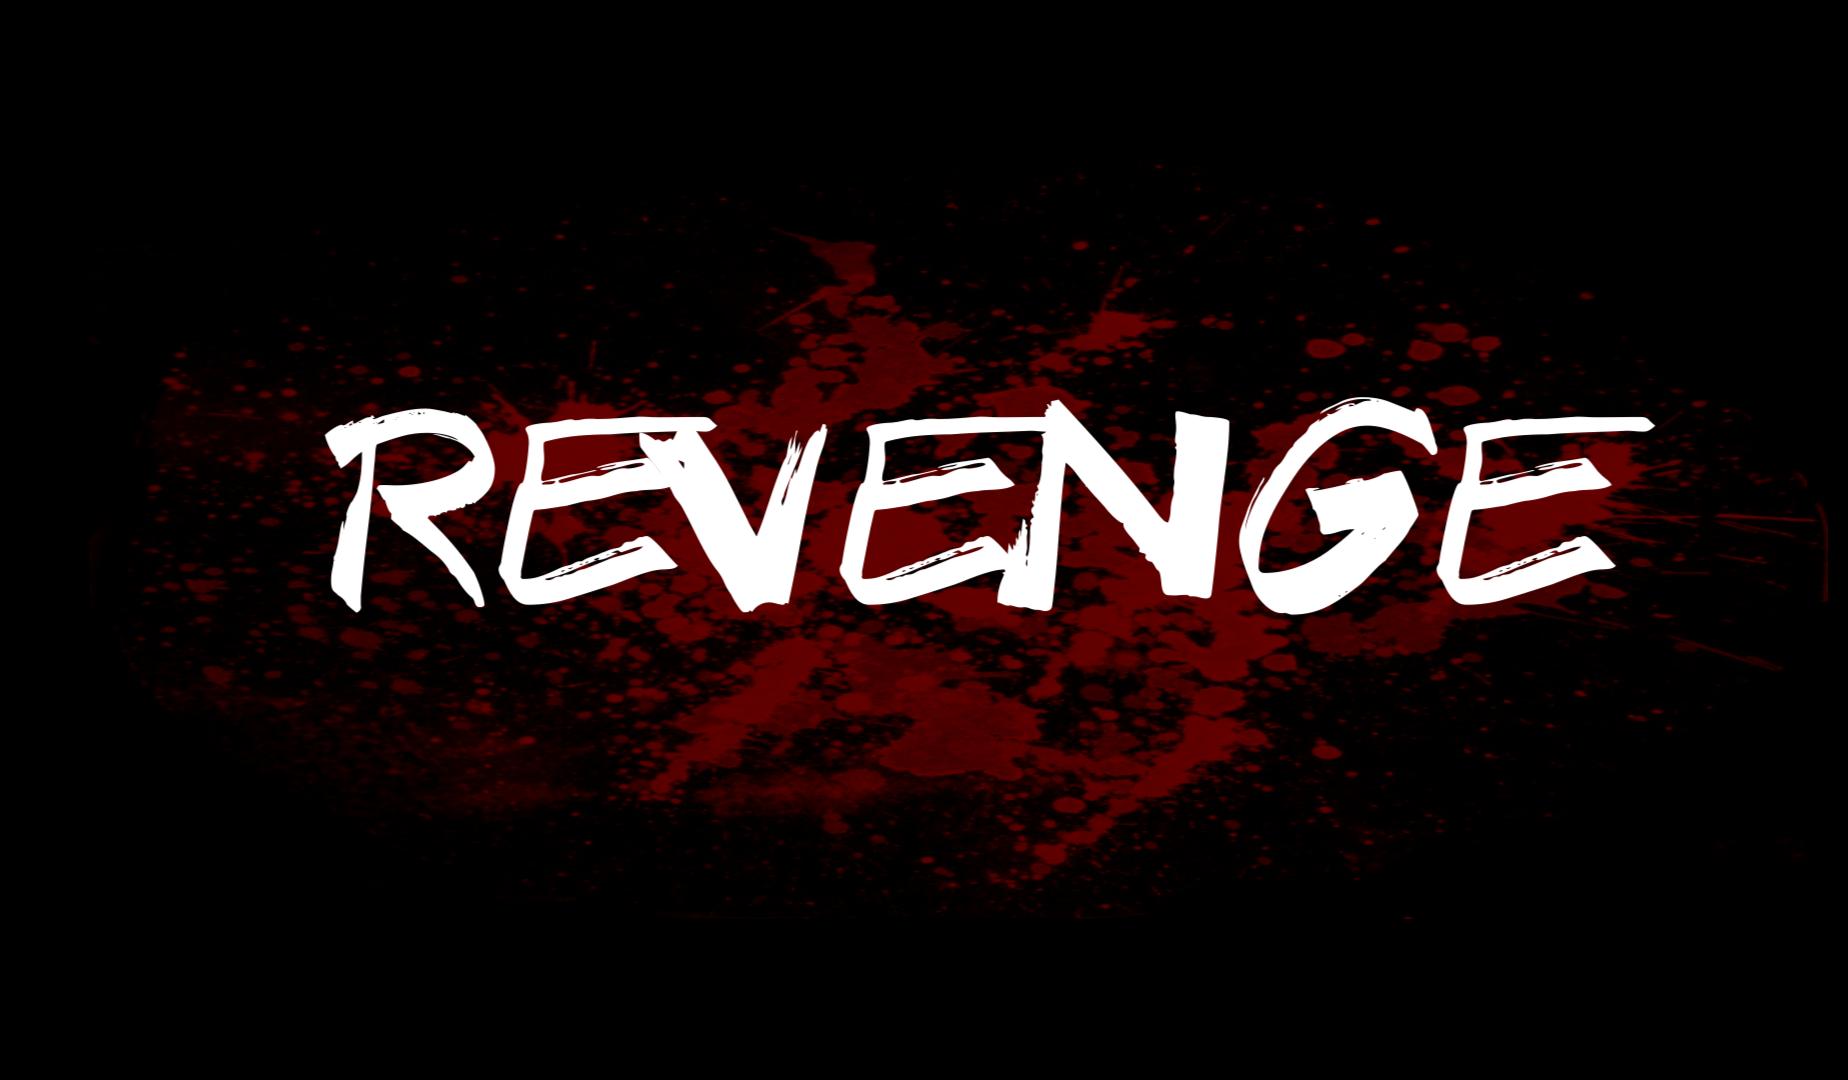 John Wick's Revenge